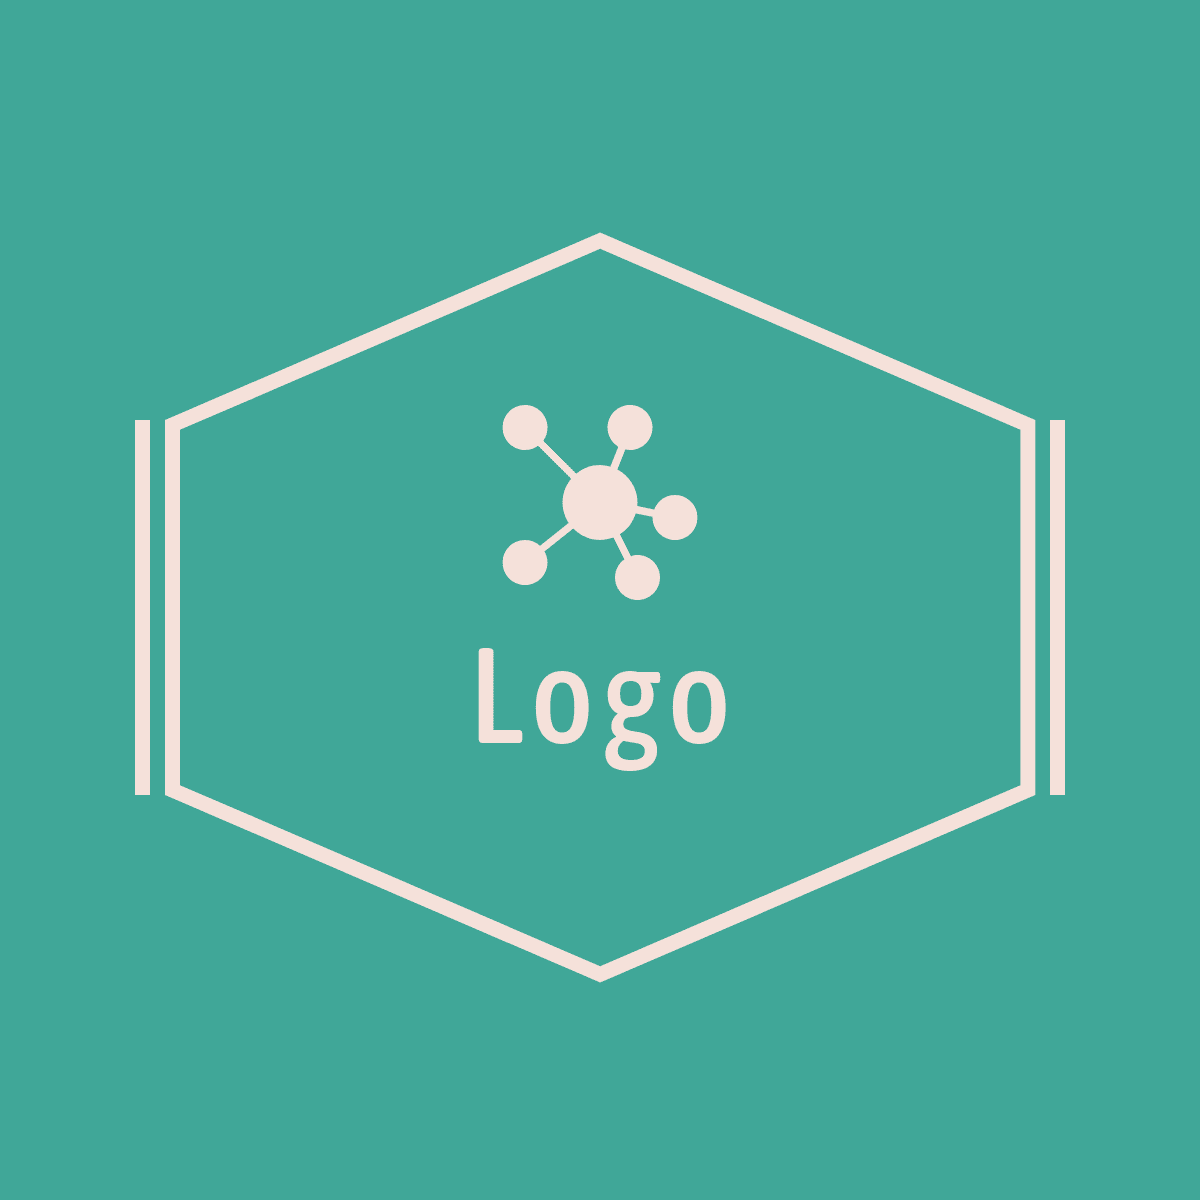 超絶オシャレなロゴ、作成します ショップのロゴやTwitterのヘッダーなど様々な用途に対応 イメージ1